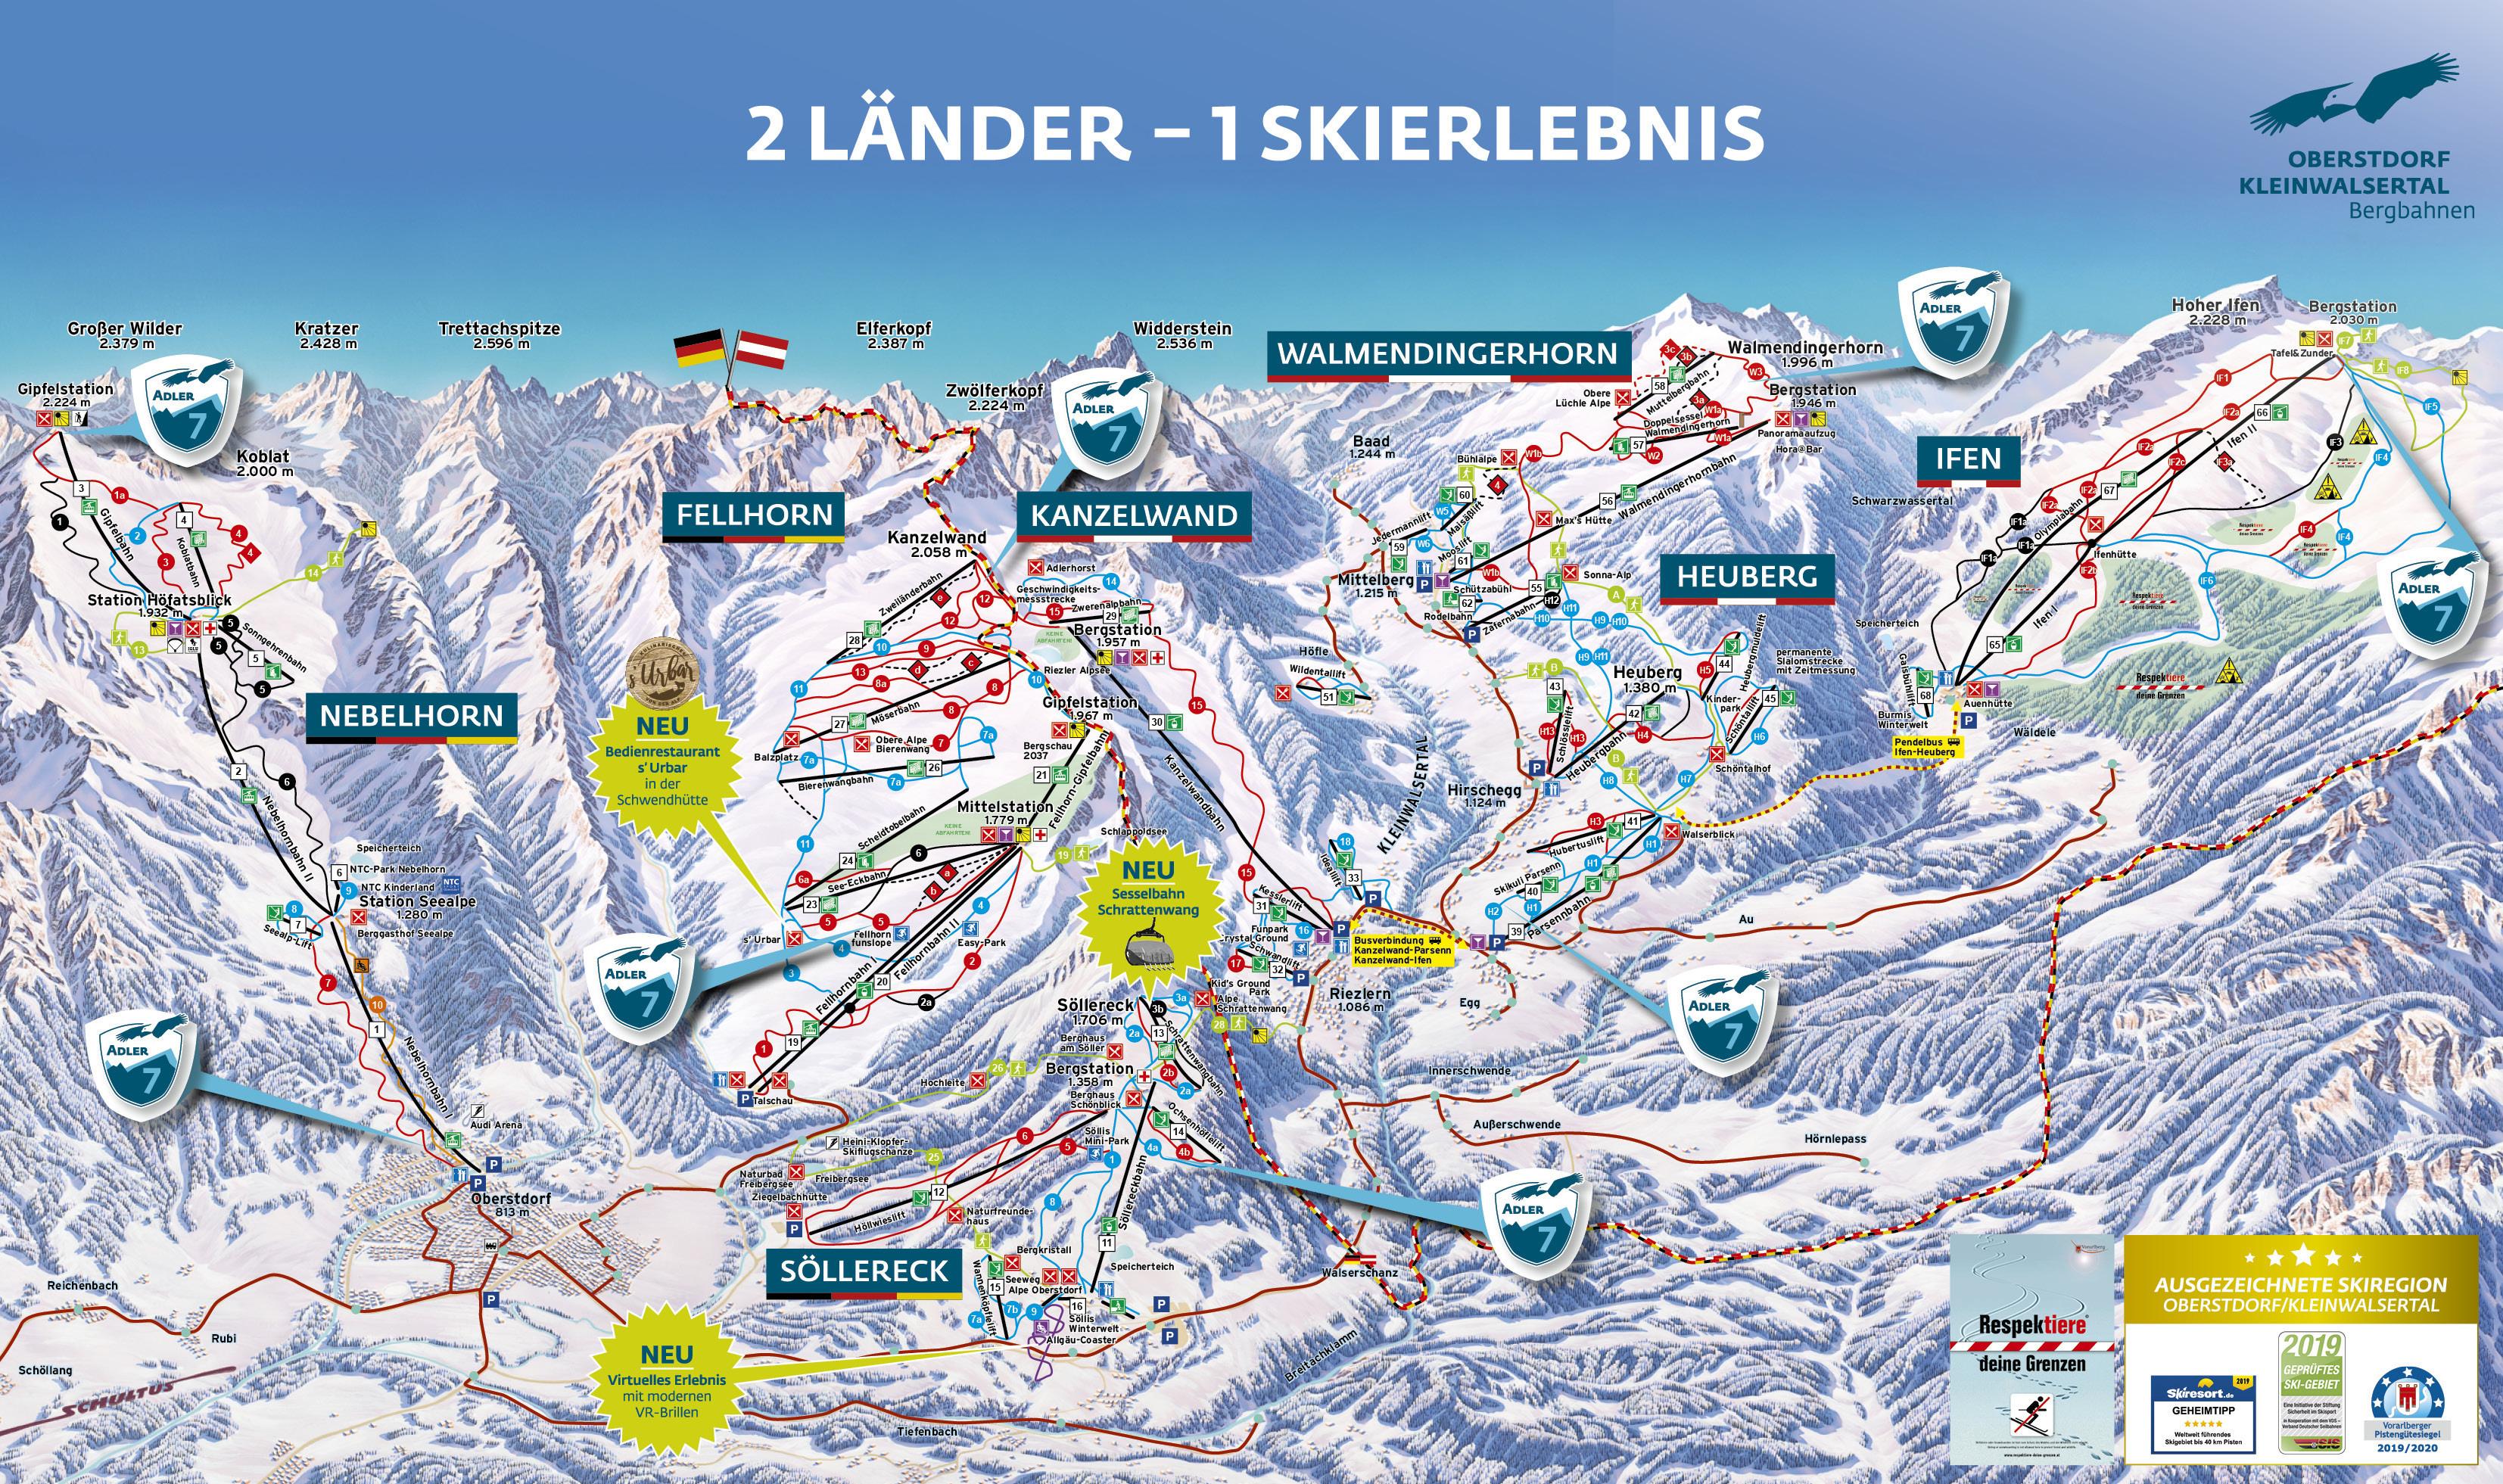 Walmendingerhorn (Kleinwalsertal) Piste / Trail Map